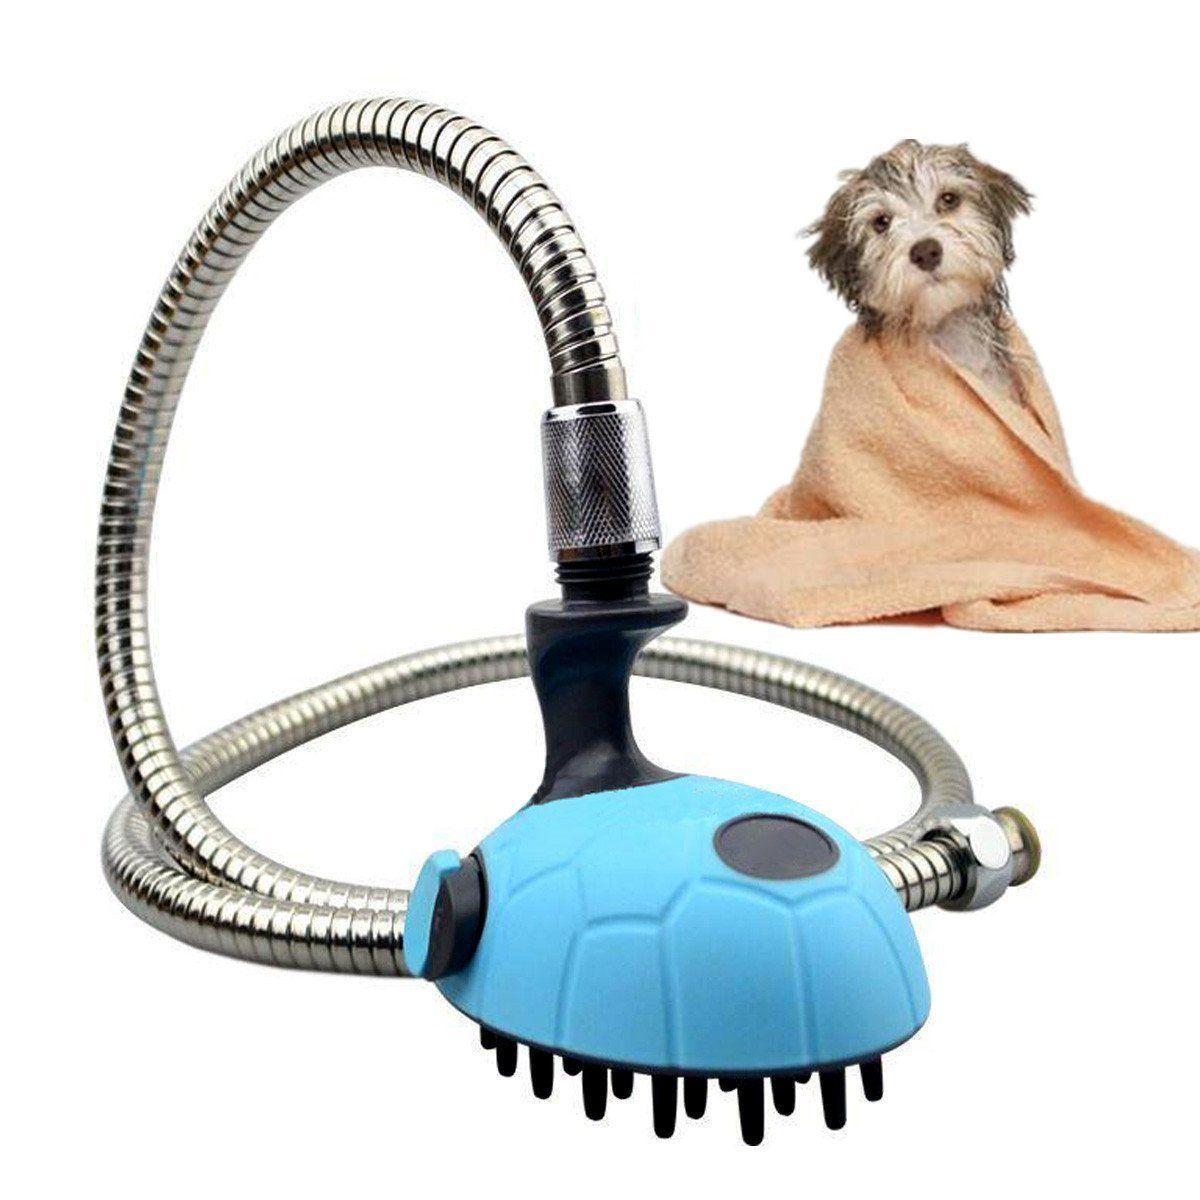 Owikar Multifunctional Pet Shower Head With Hose Bath Tub Dog